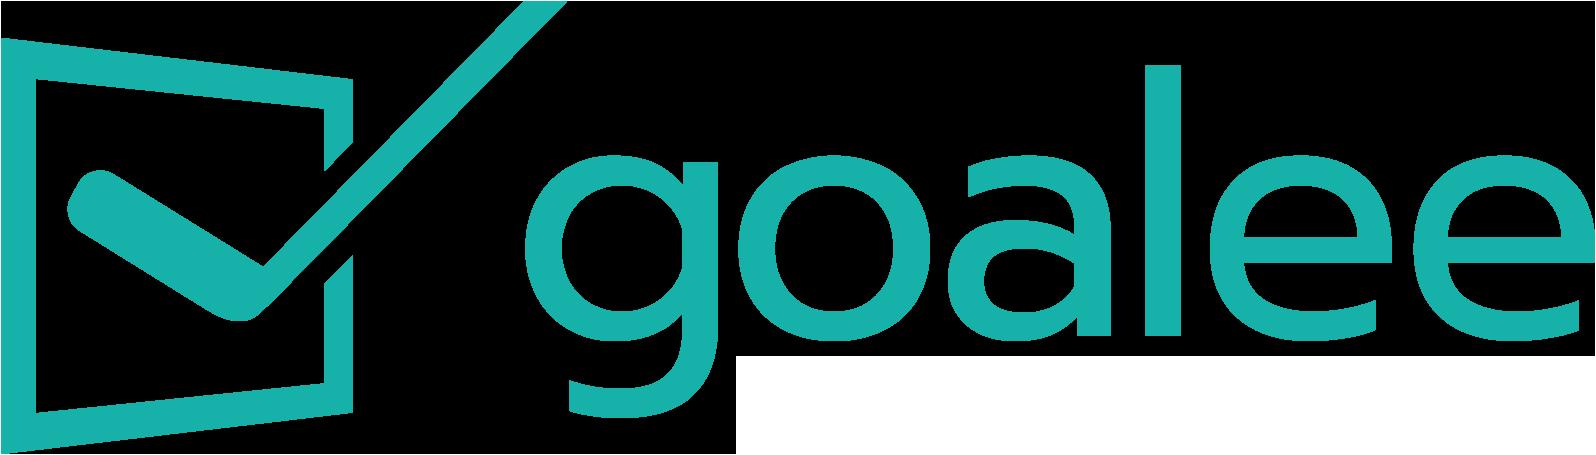 goalee_logo.png